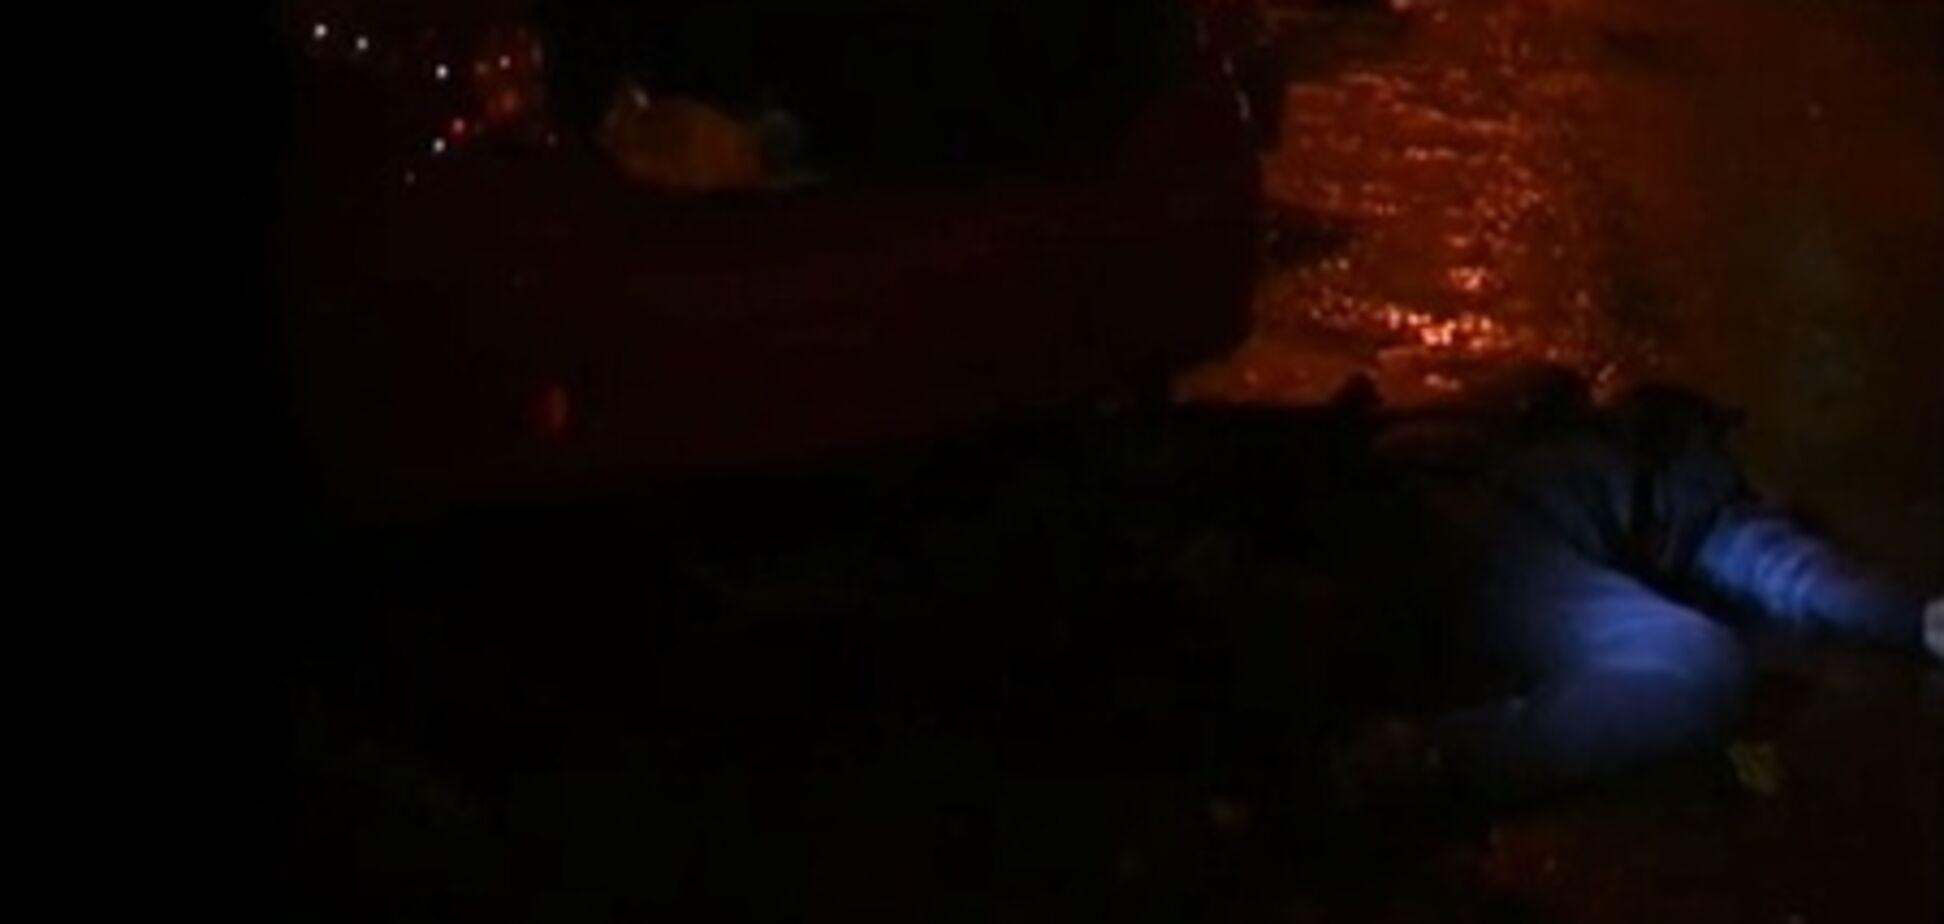 В Киеве жестоко убили директора фирмы - милиция (видео)